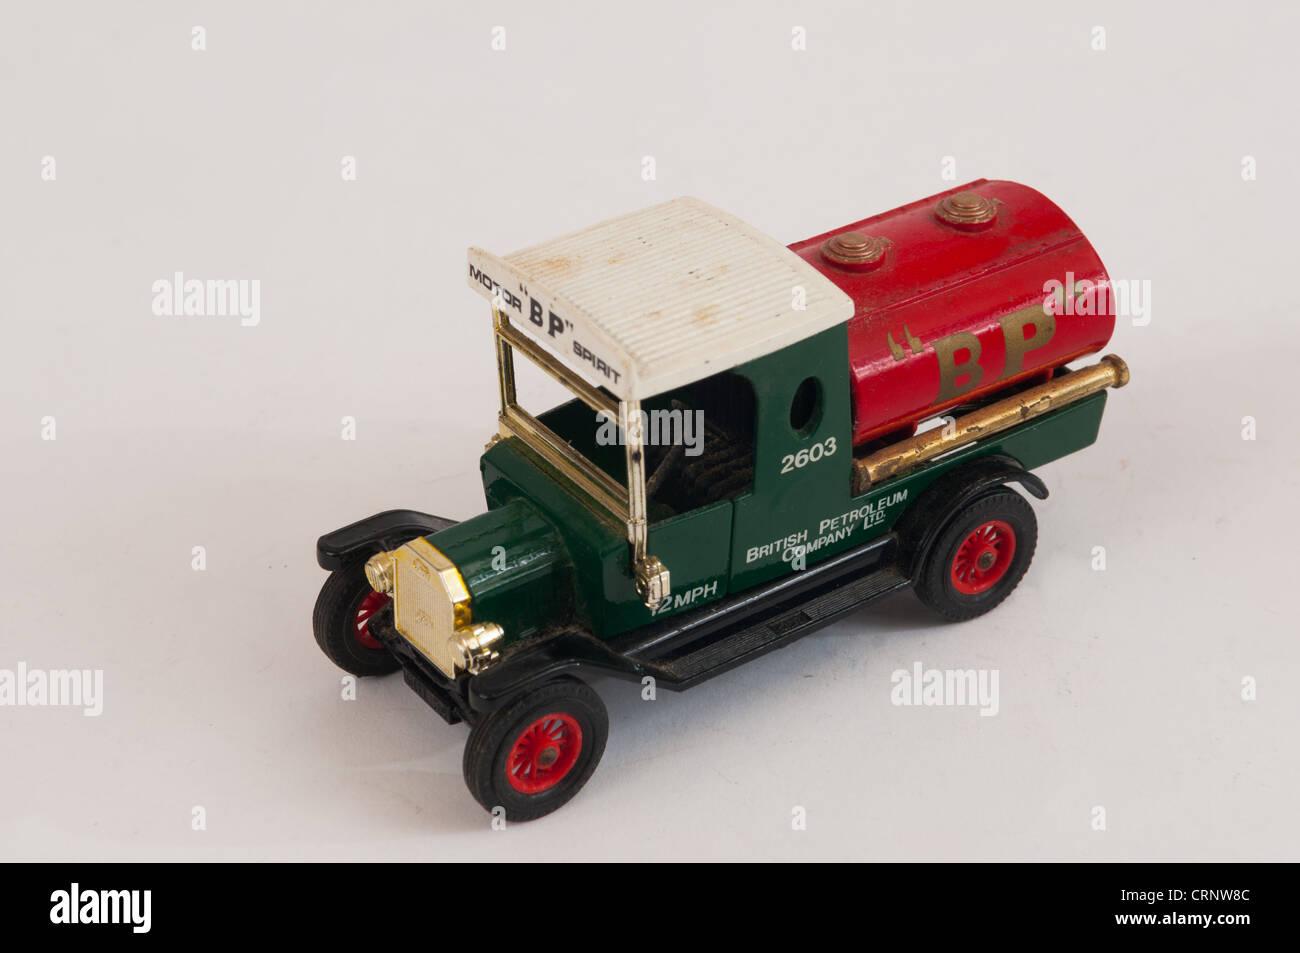 Matchbox Models Of Yesteryear Model T Ford BP petrol tanker Stock Photo